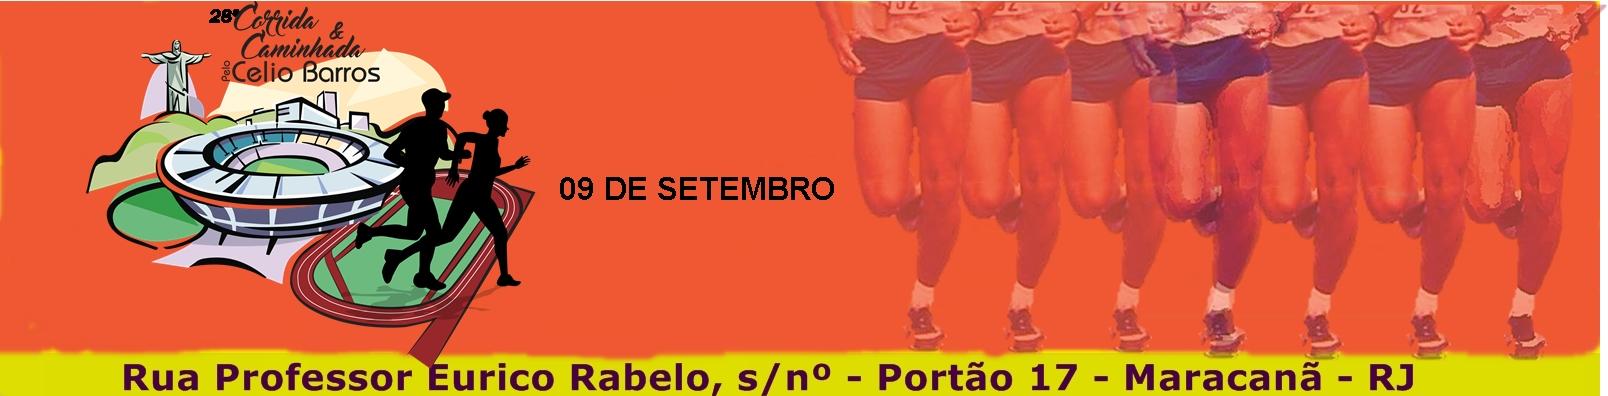 28ª CORRIDA E CAMINHADA DE CONFRATERNIZAÇÃO PELA RECONSTRUÇÃO DO ESTÁDIO DE ATLETISMO CÉLIO DE BARROS  - Imagem de topo